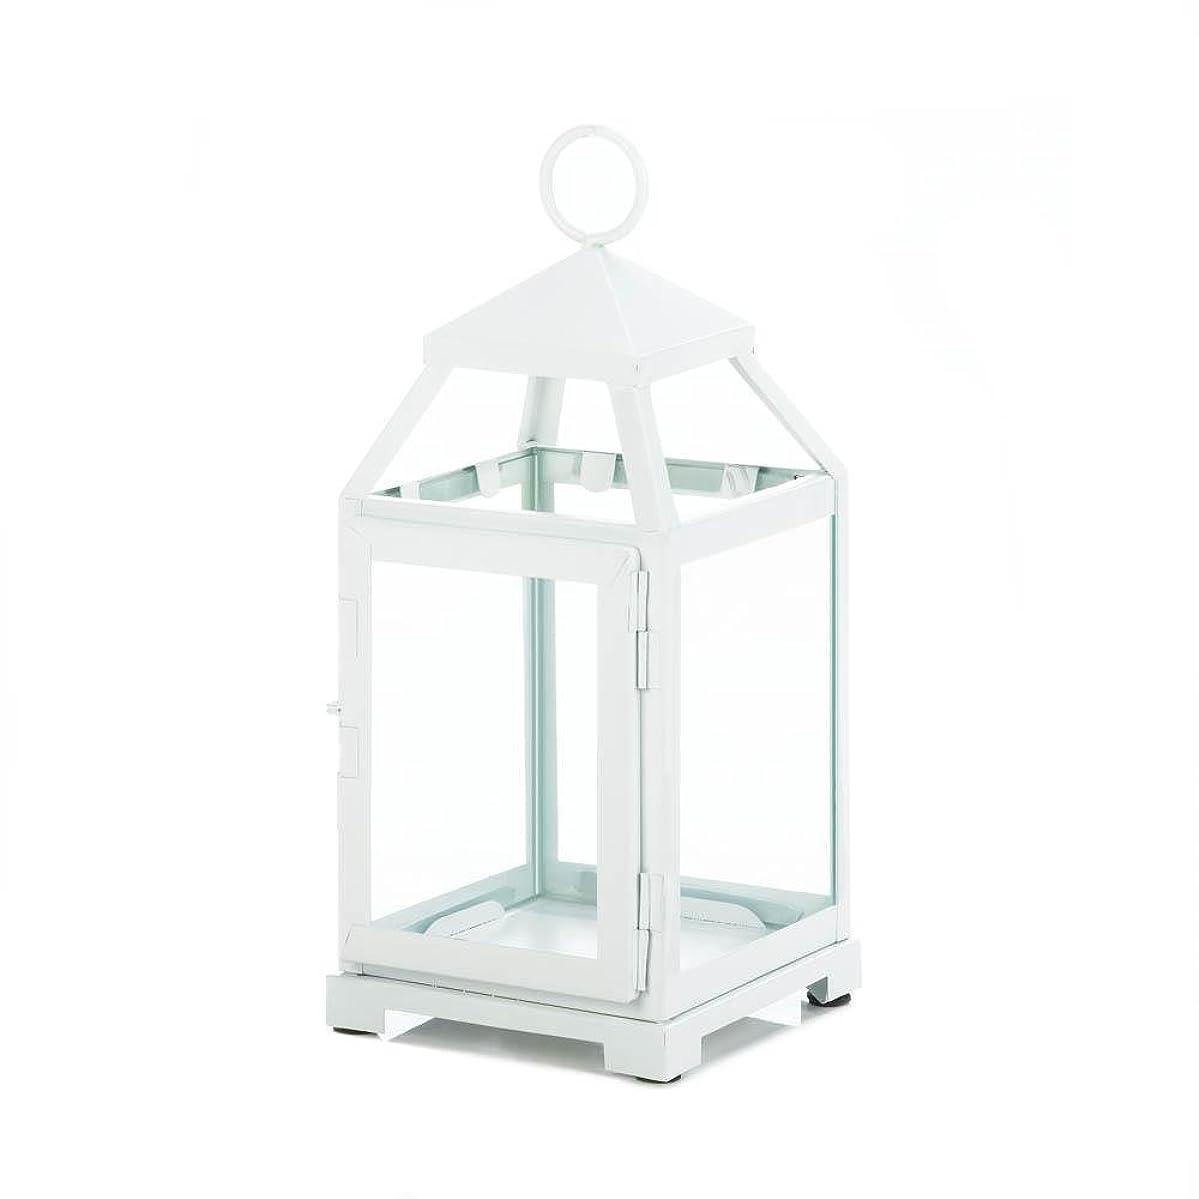 クリケット倉庫広々Gallery of Light 10018115 White Contemporary Candle Lantern - 12 in.